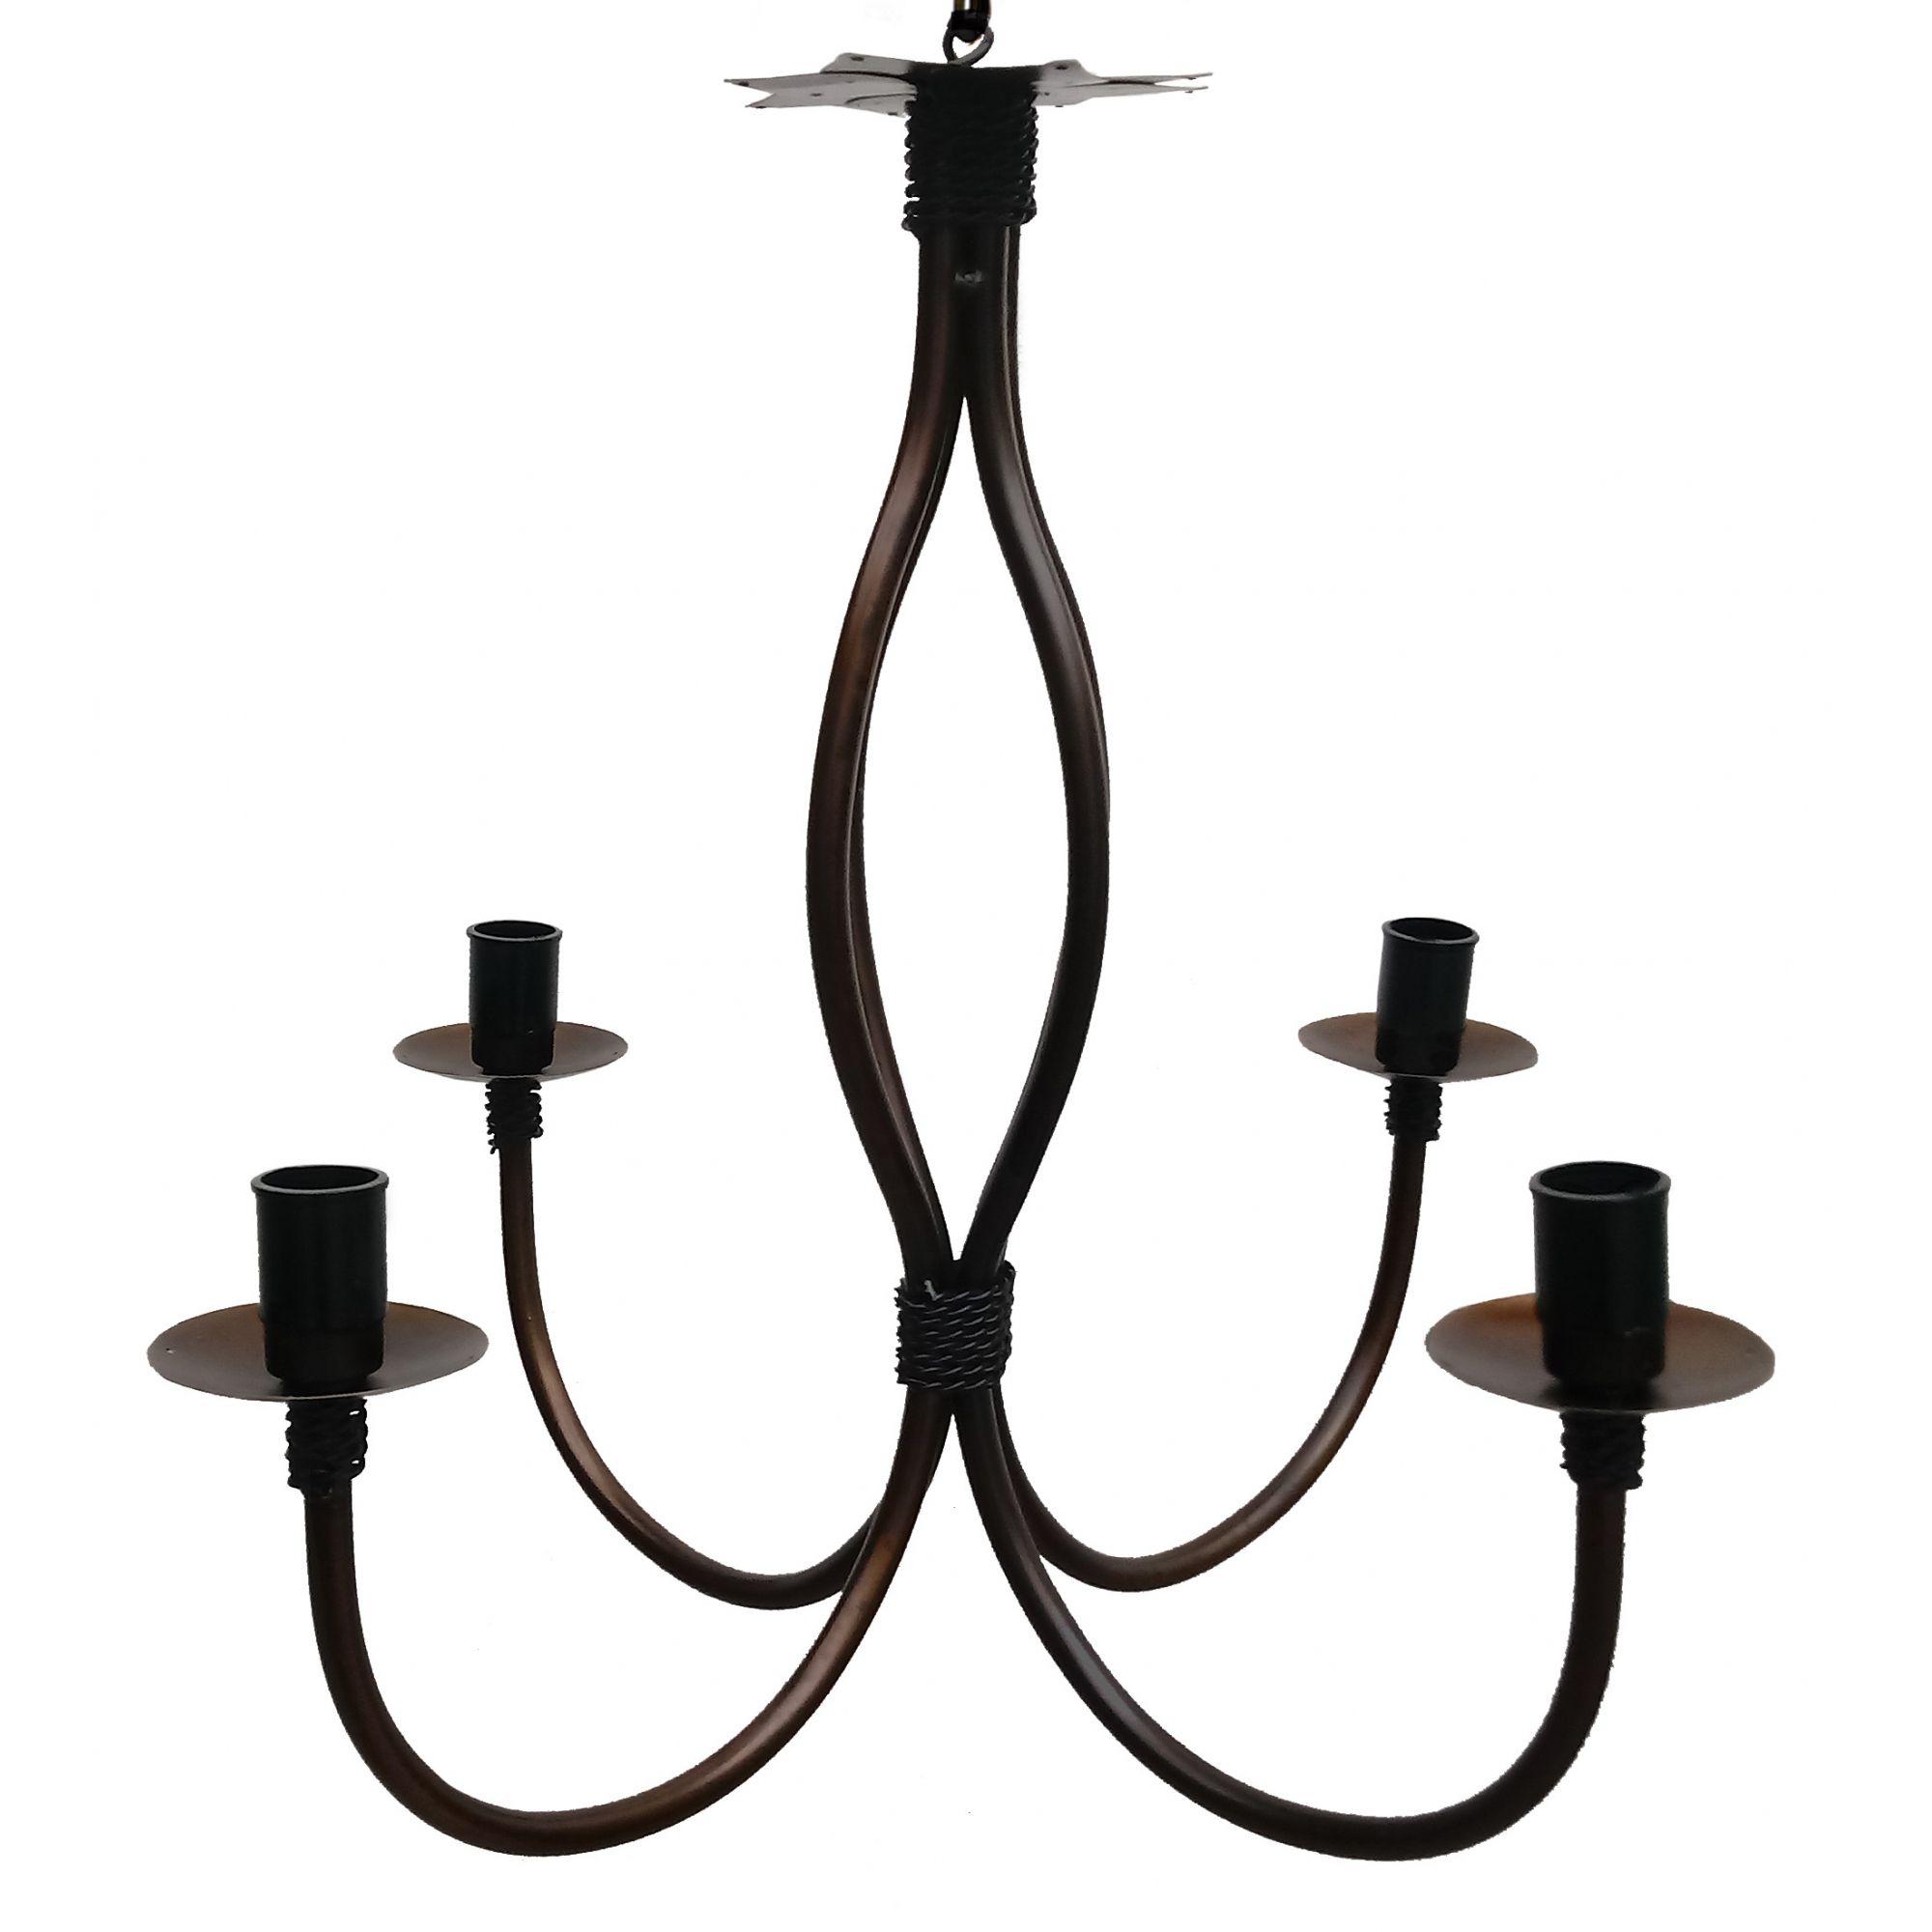 Luminaria De Teto Em Ferro Simples Decorativa para Cozinha Retro